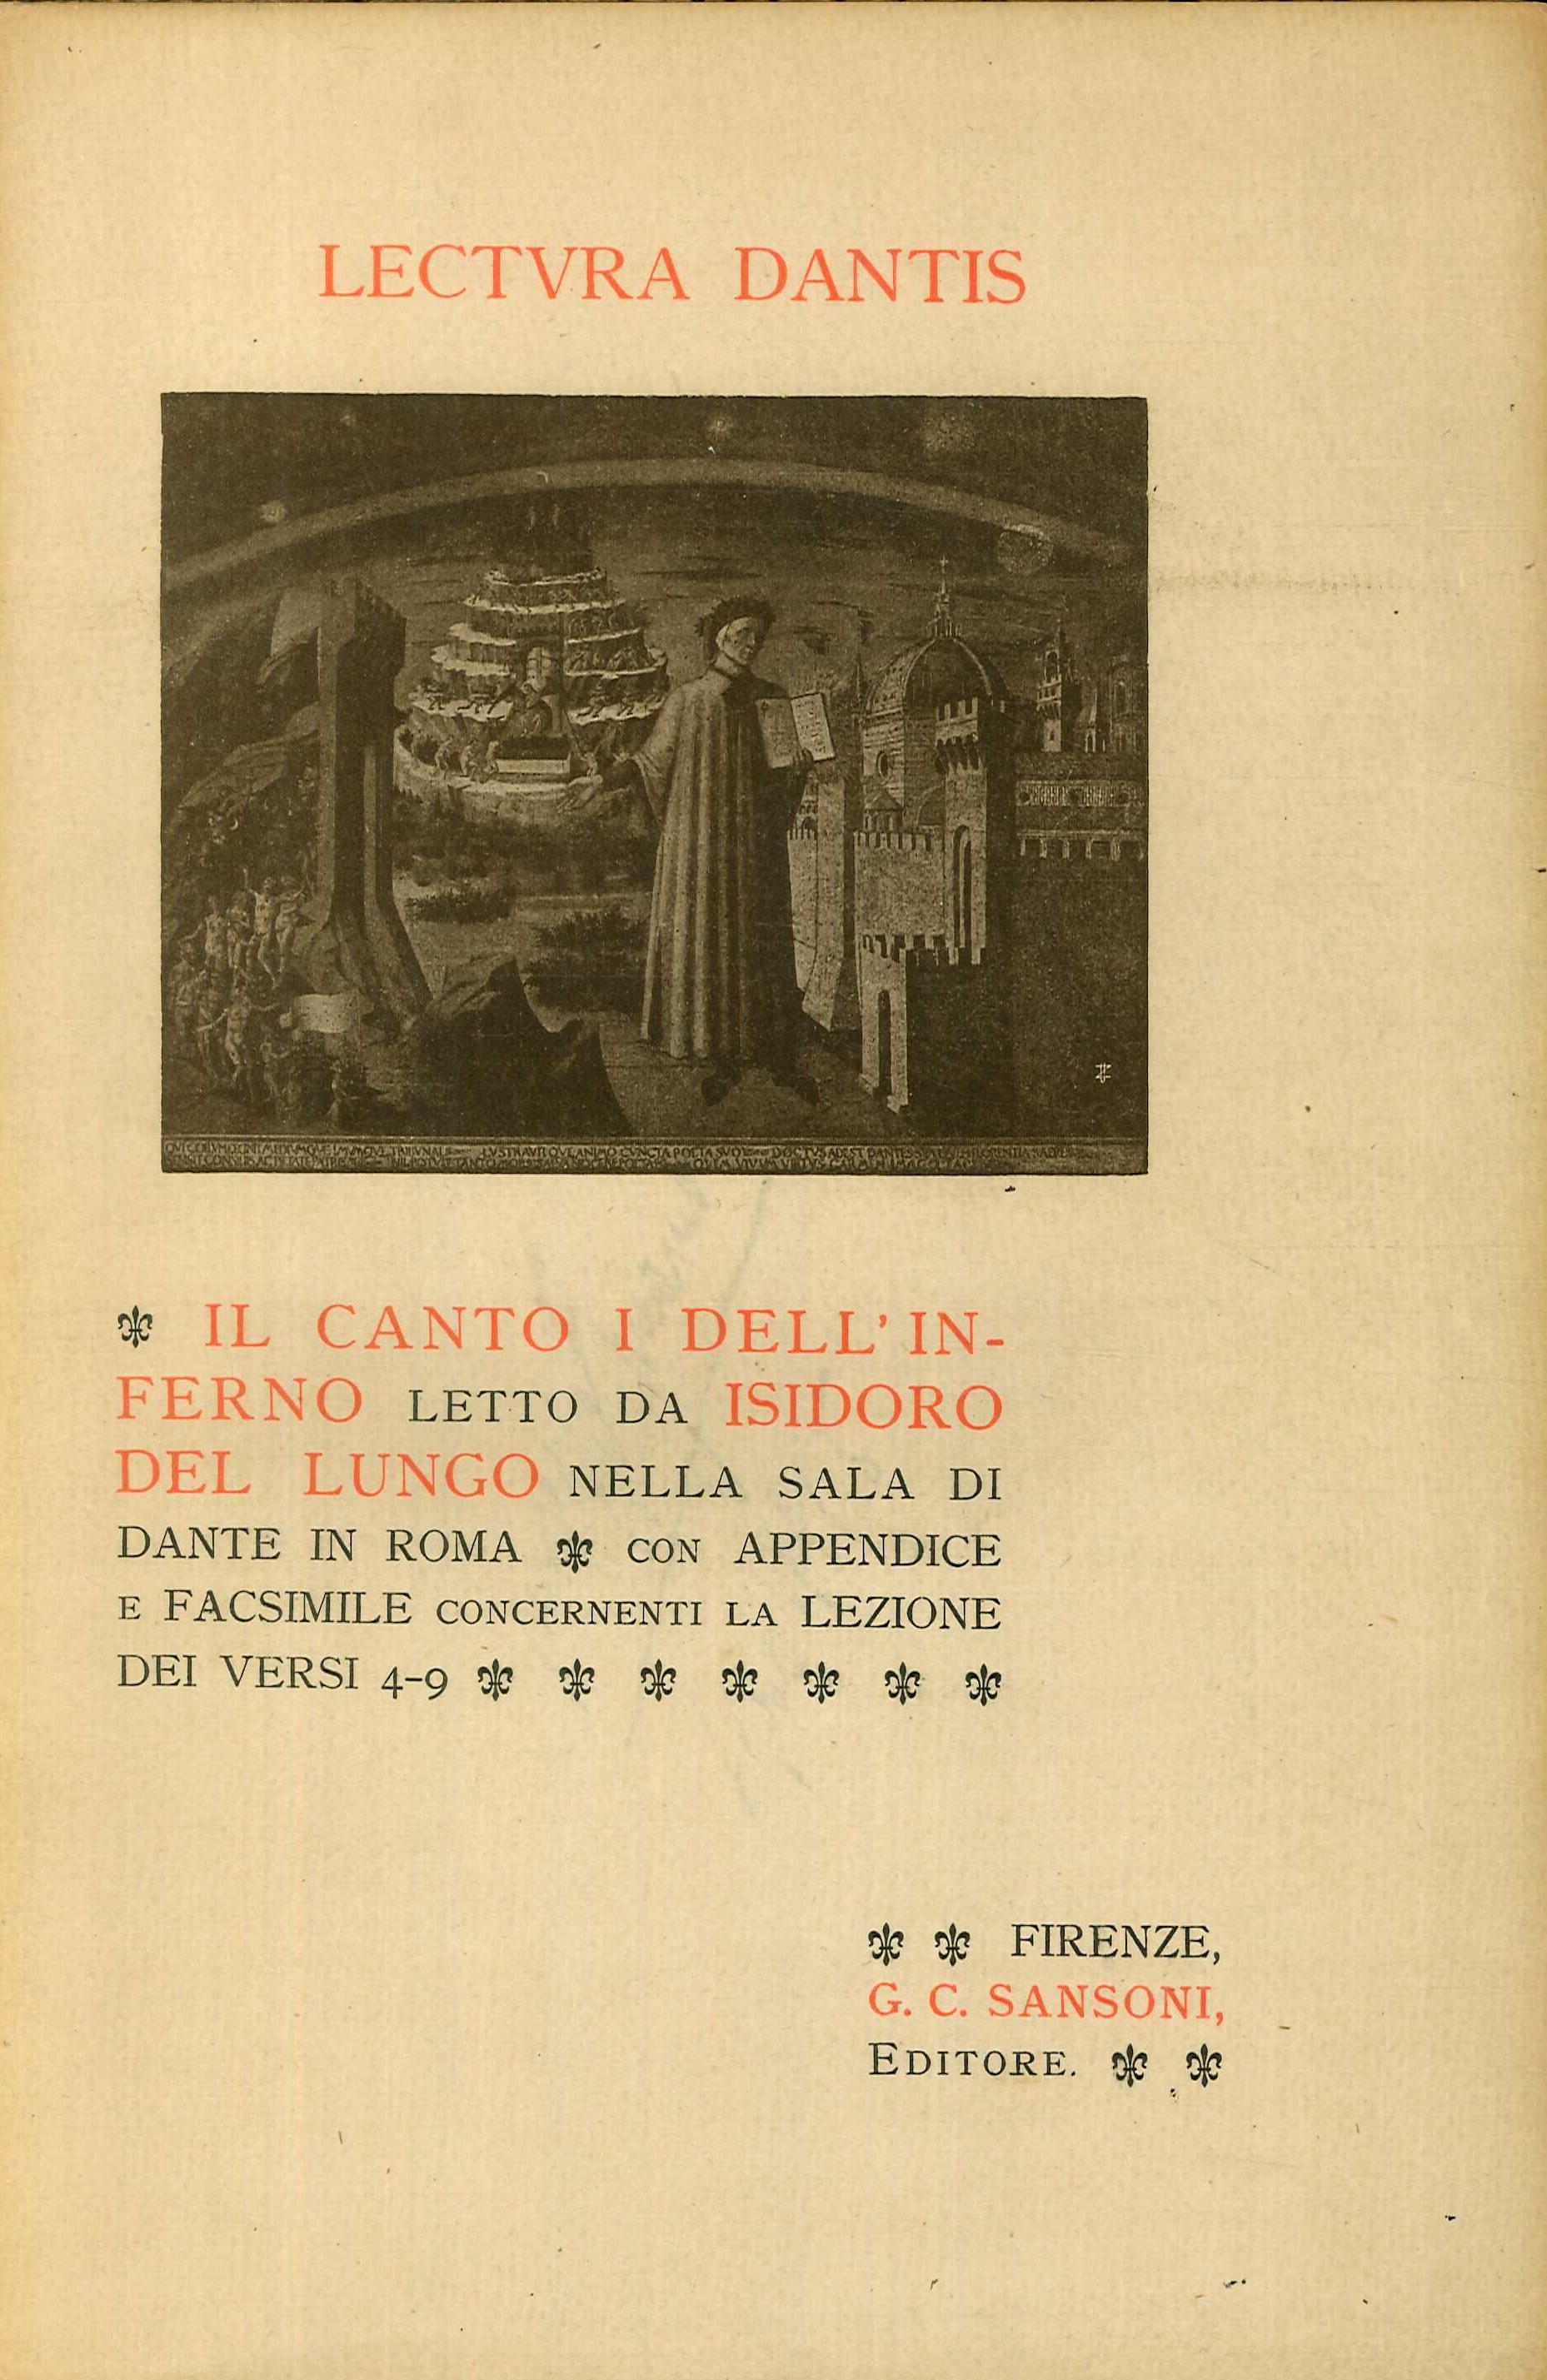 Il Canto i Dell'Inferno Letto Da Isidoro del Lungo nella Sala di Dante a Roma